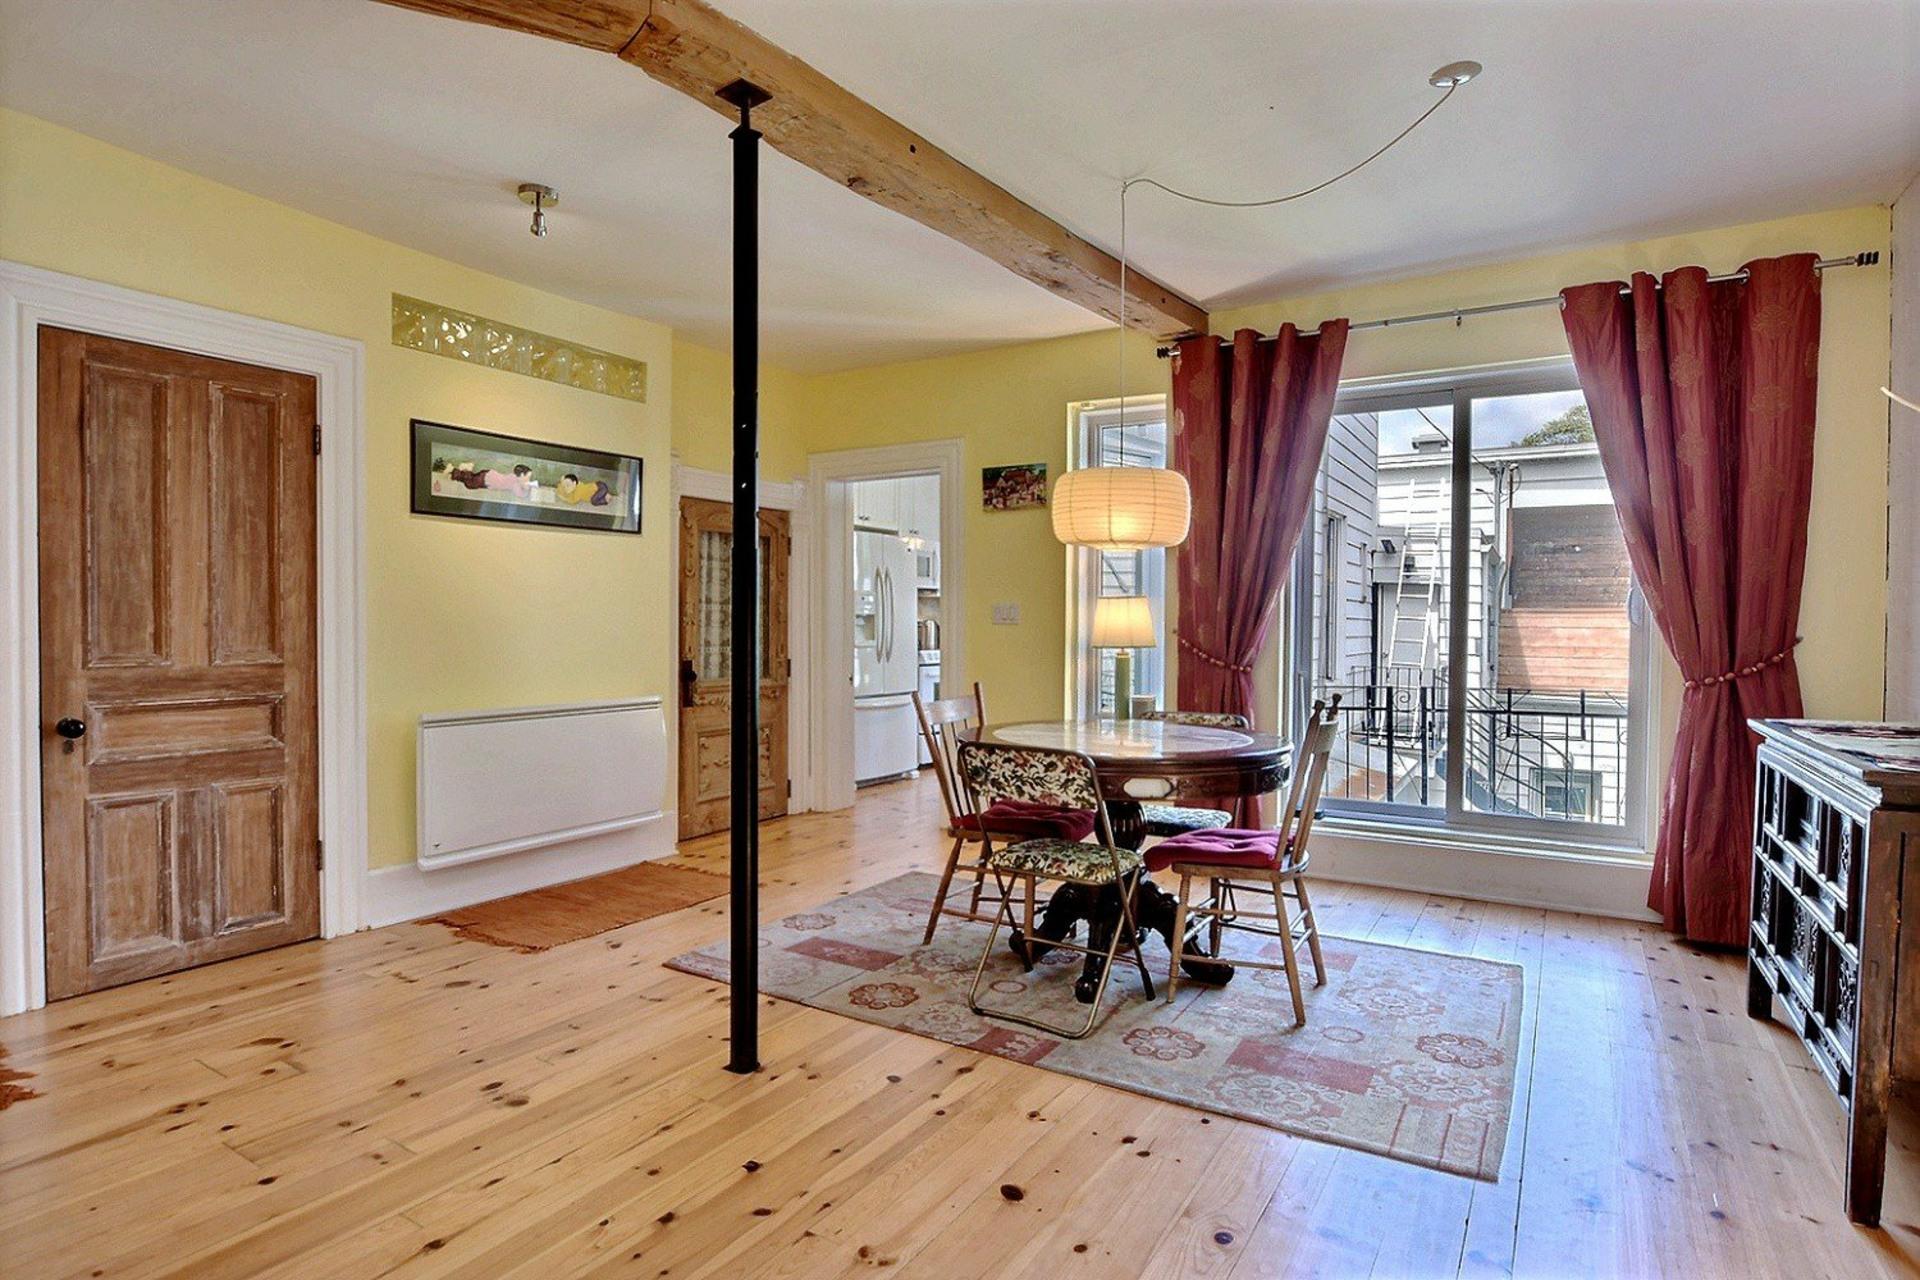 image 6 - Appartement À vendre Montréal Le Plateau-Mont-Royal  - 10 pièces